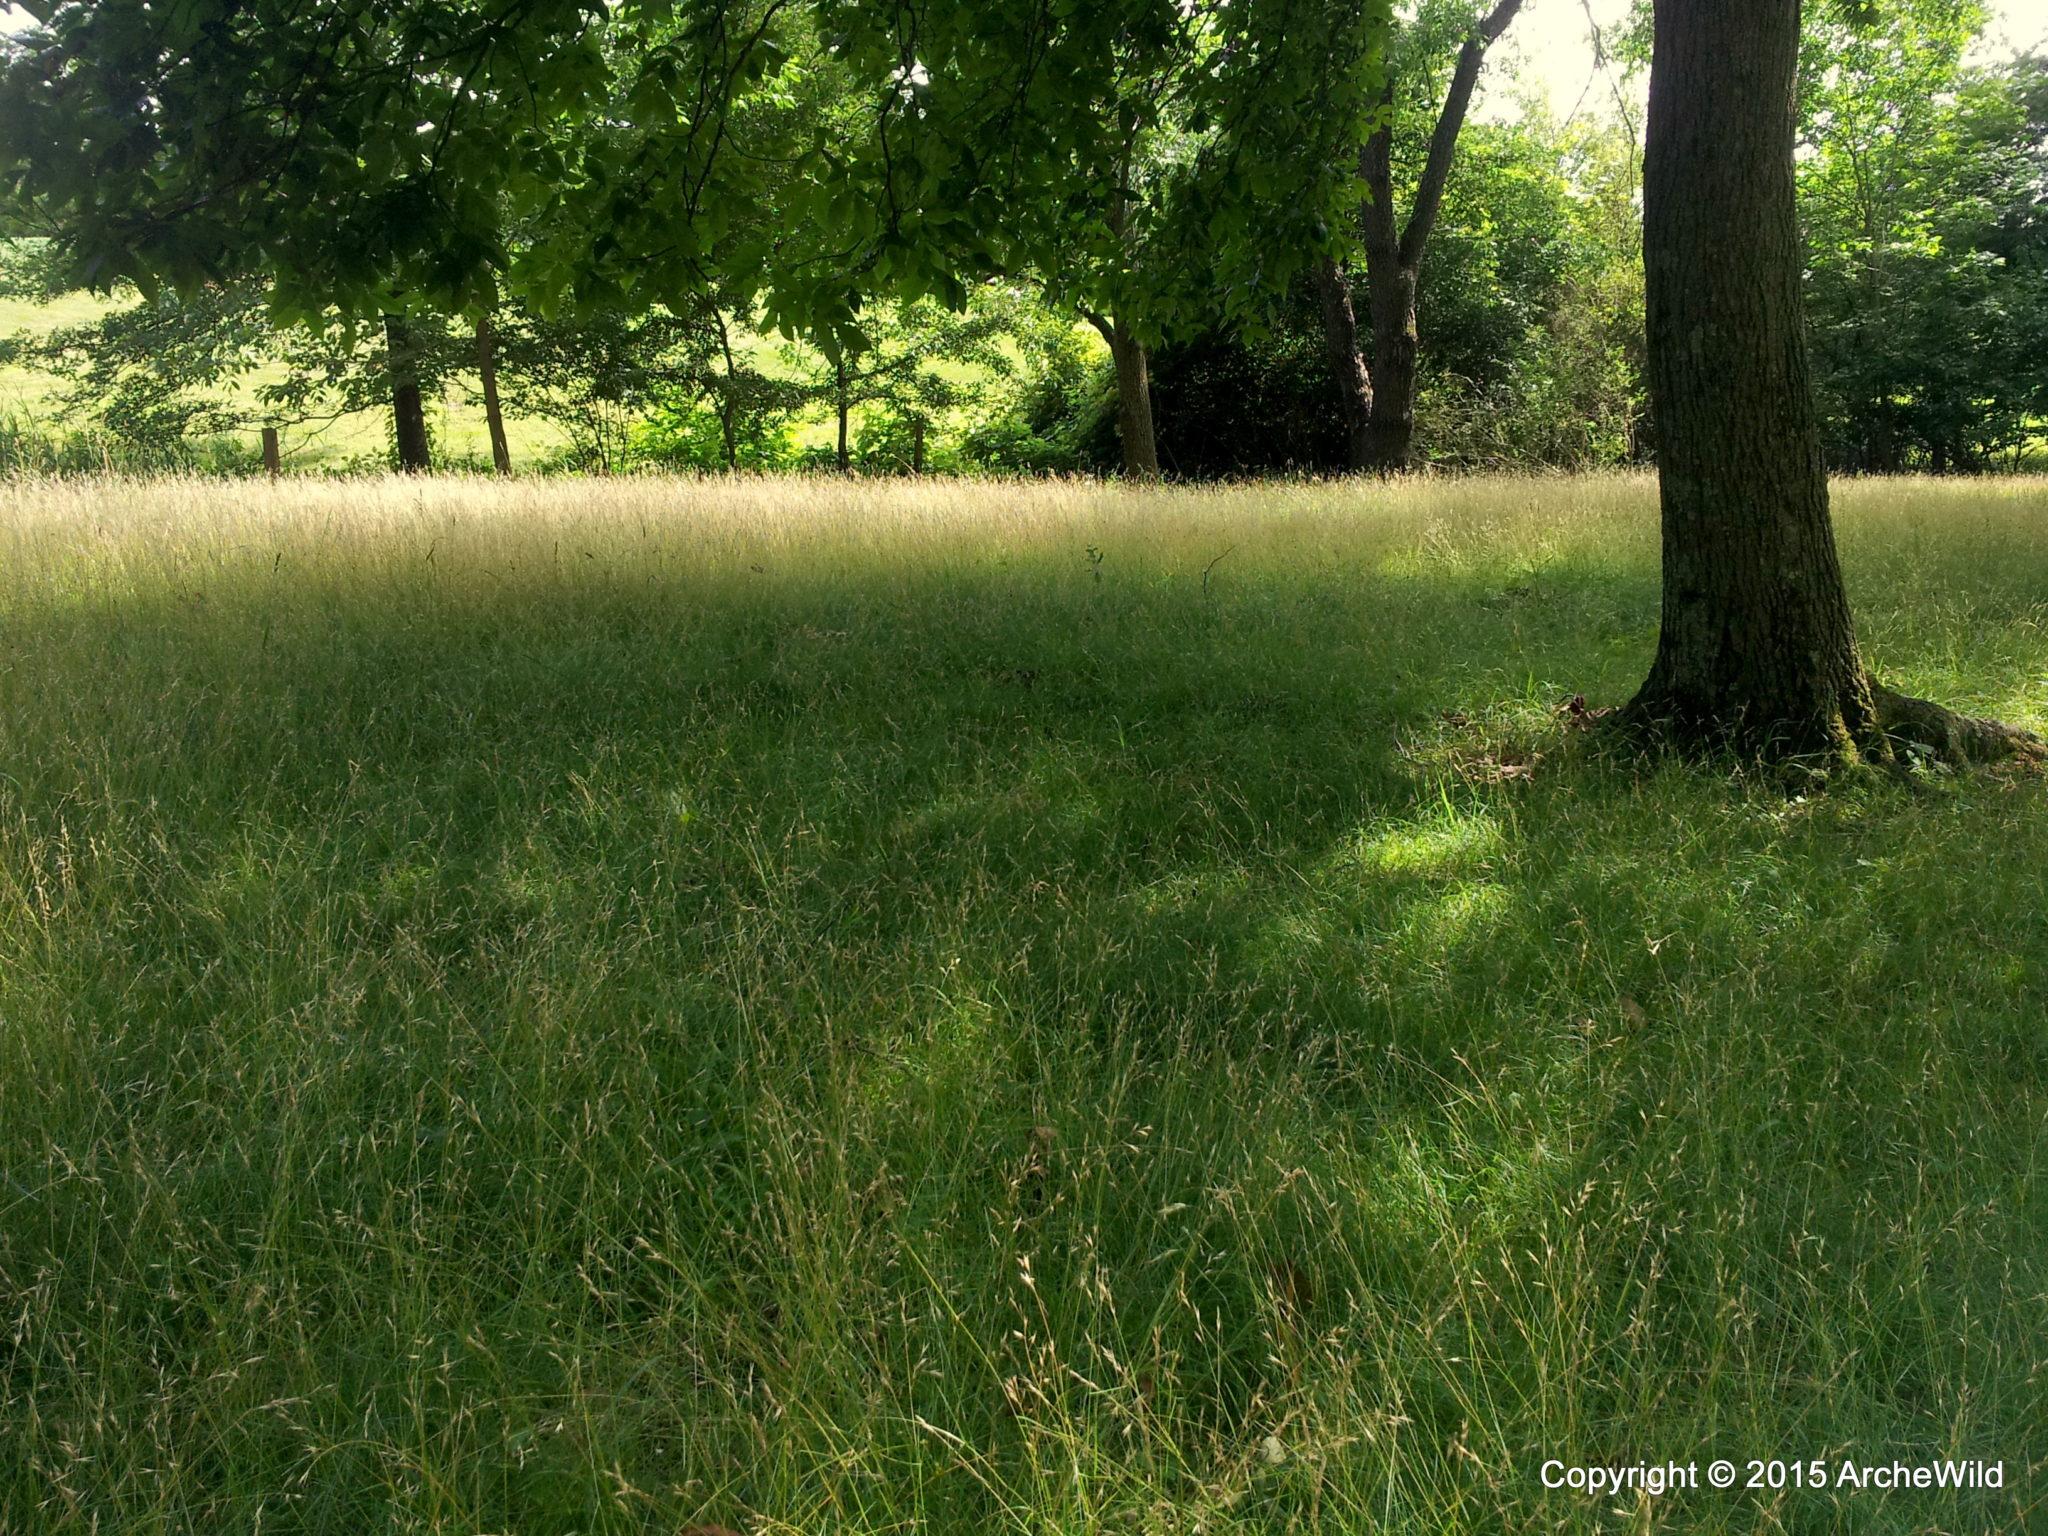 2013 Princeton NJ – Danthonia Spicata No Mow Lawn 20130703 155734